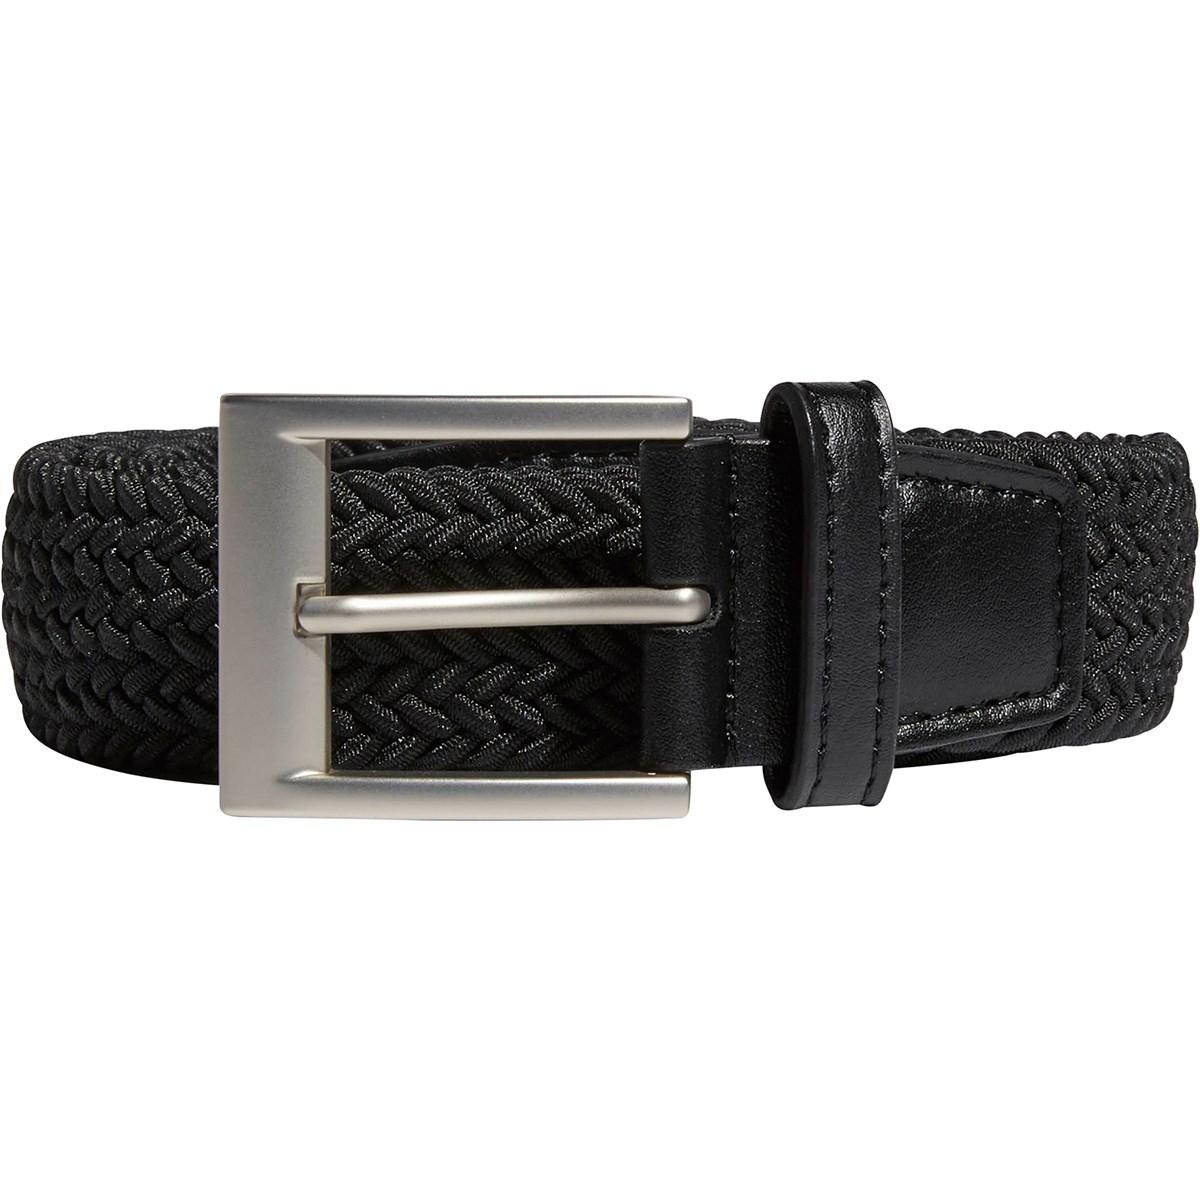 アディダス Adidas ブレードストレッチベルト S/M ブラック/ブラック